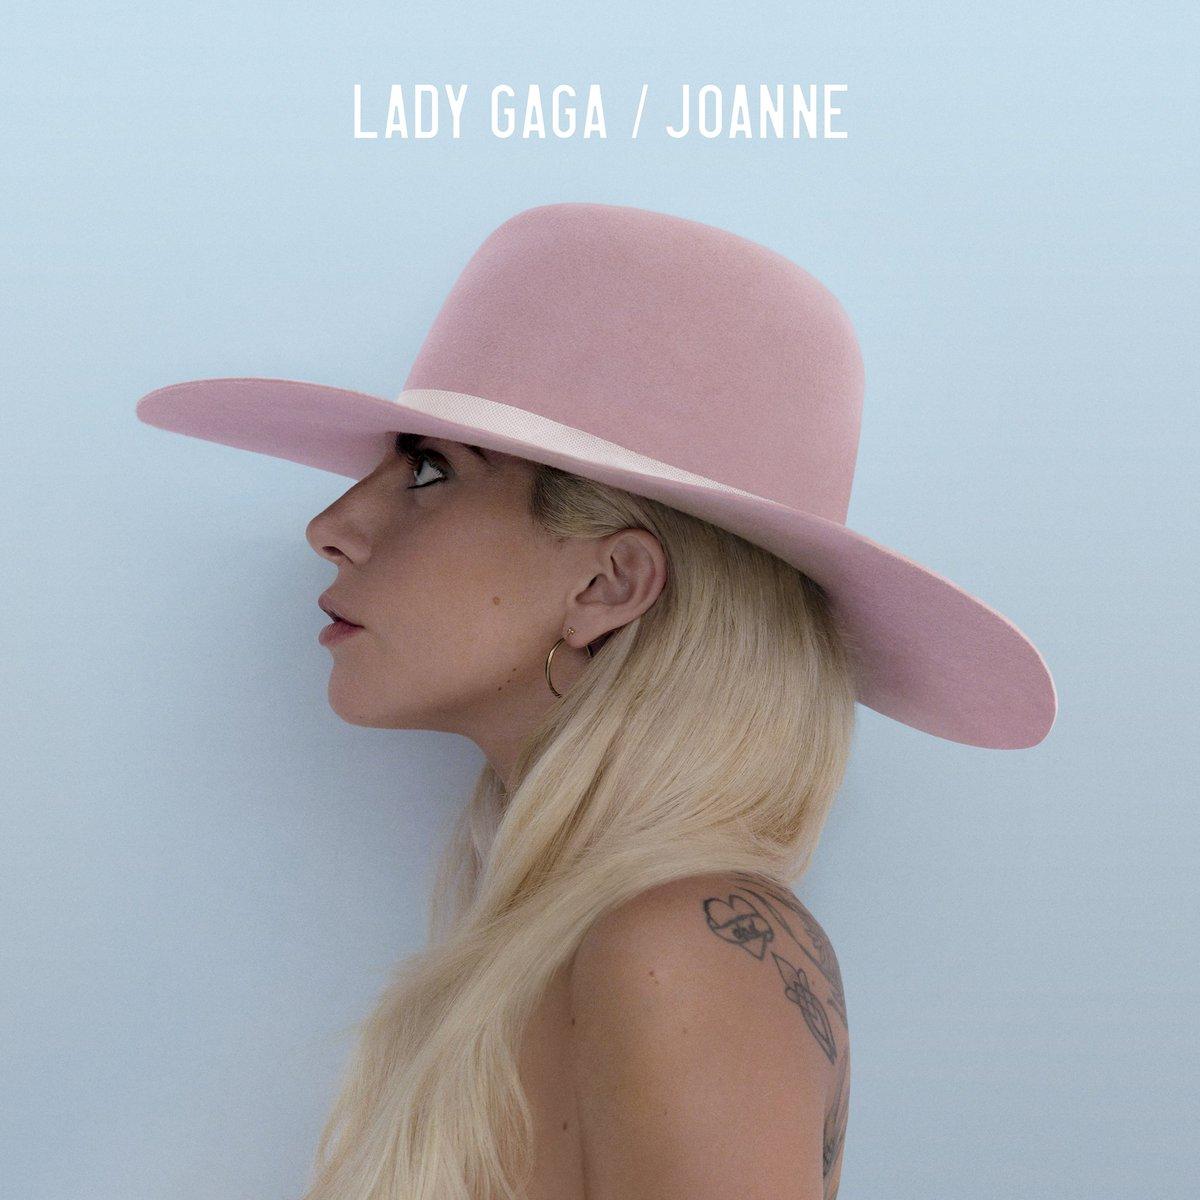 Lady Gaga Joanne album